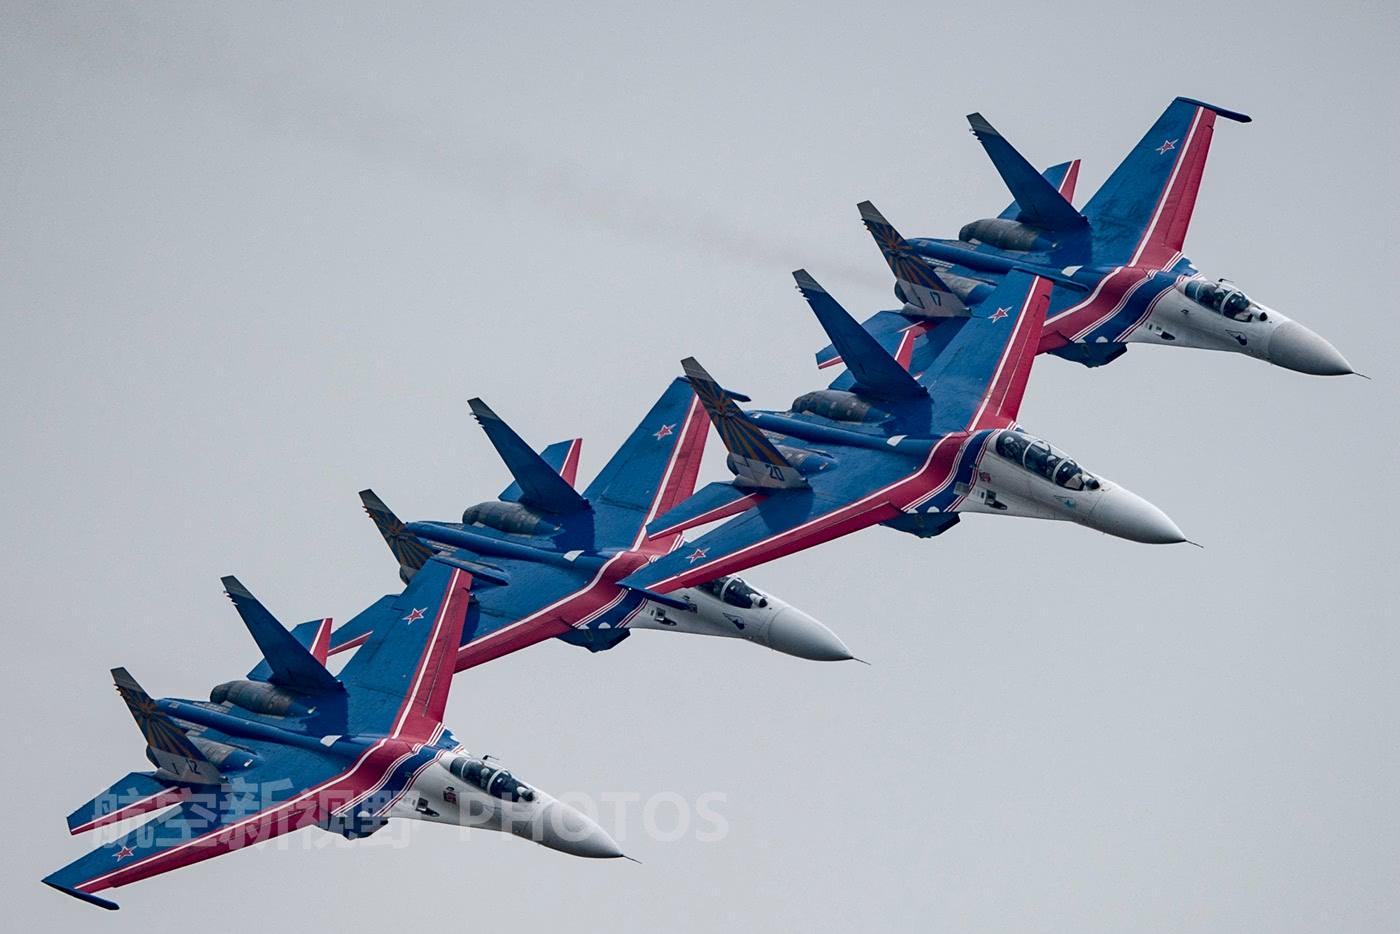 中国空军07飞行标志图片_俄罗斯空军仪仗队装备苏-27战机 多次来中国表演 让人敬佩的勇士 ...